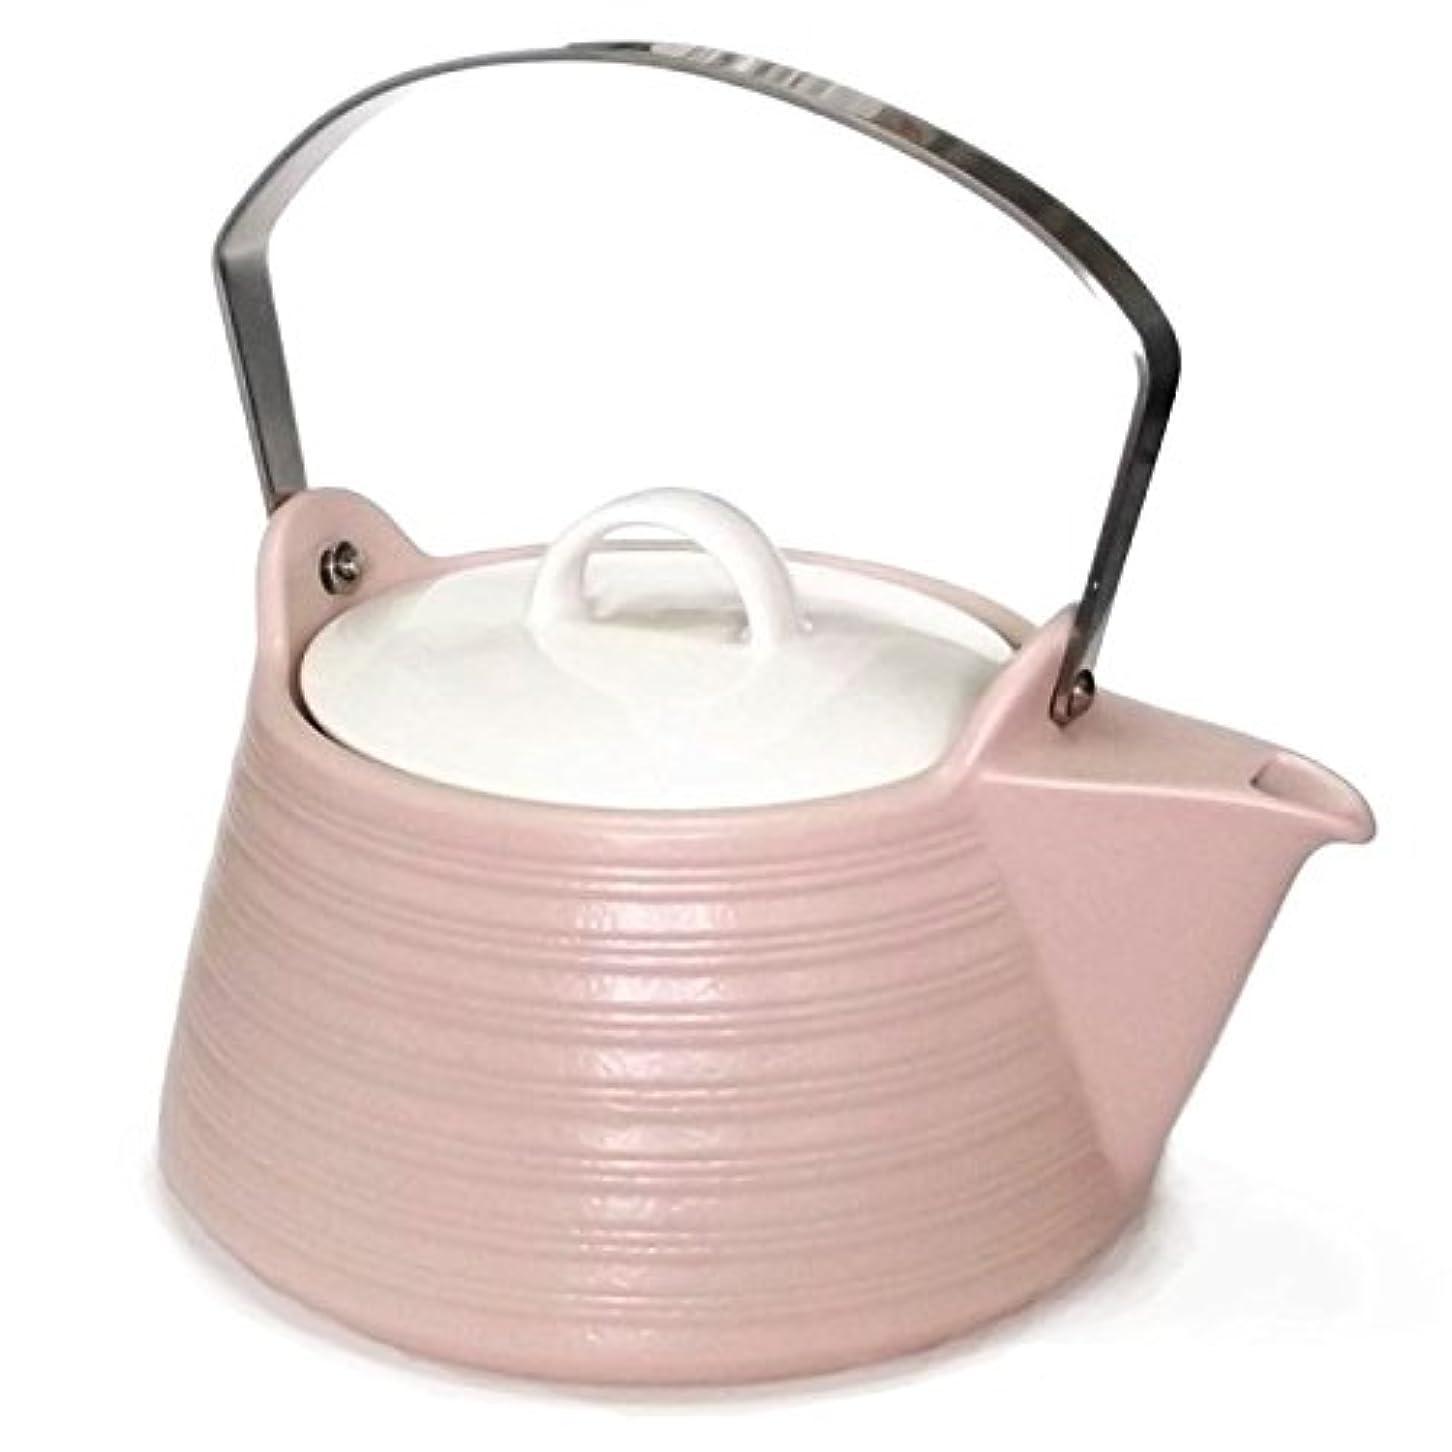 ホームレスかまどそんなにサーマテック IHセラミックケトル 1.5リットル ピンク <IH対応土瓶> 直火もOK!